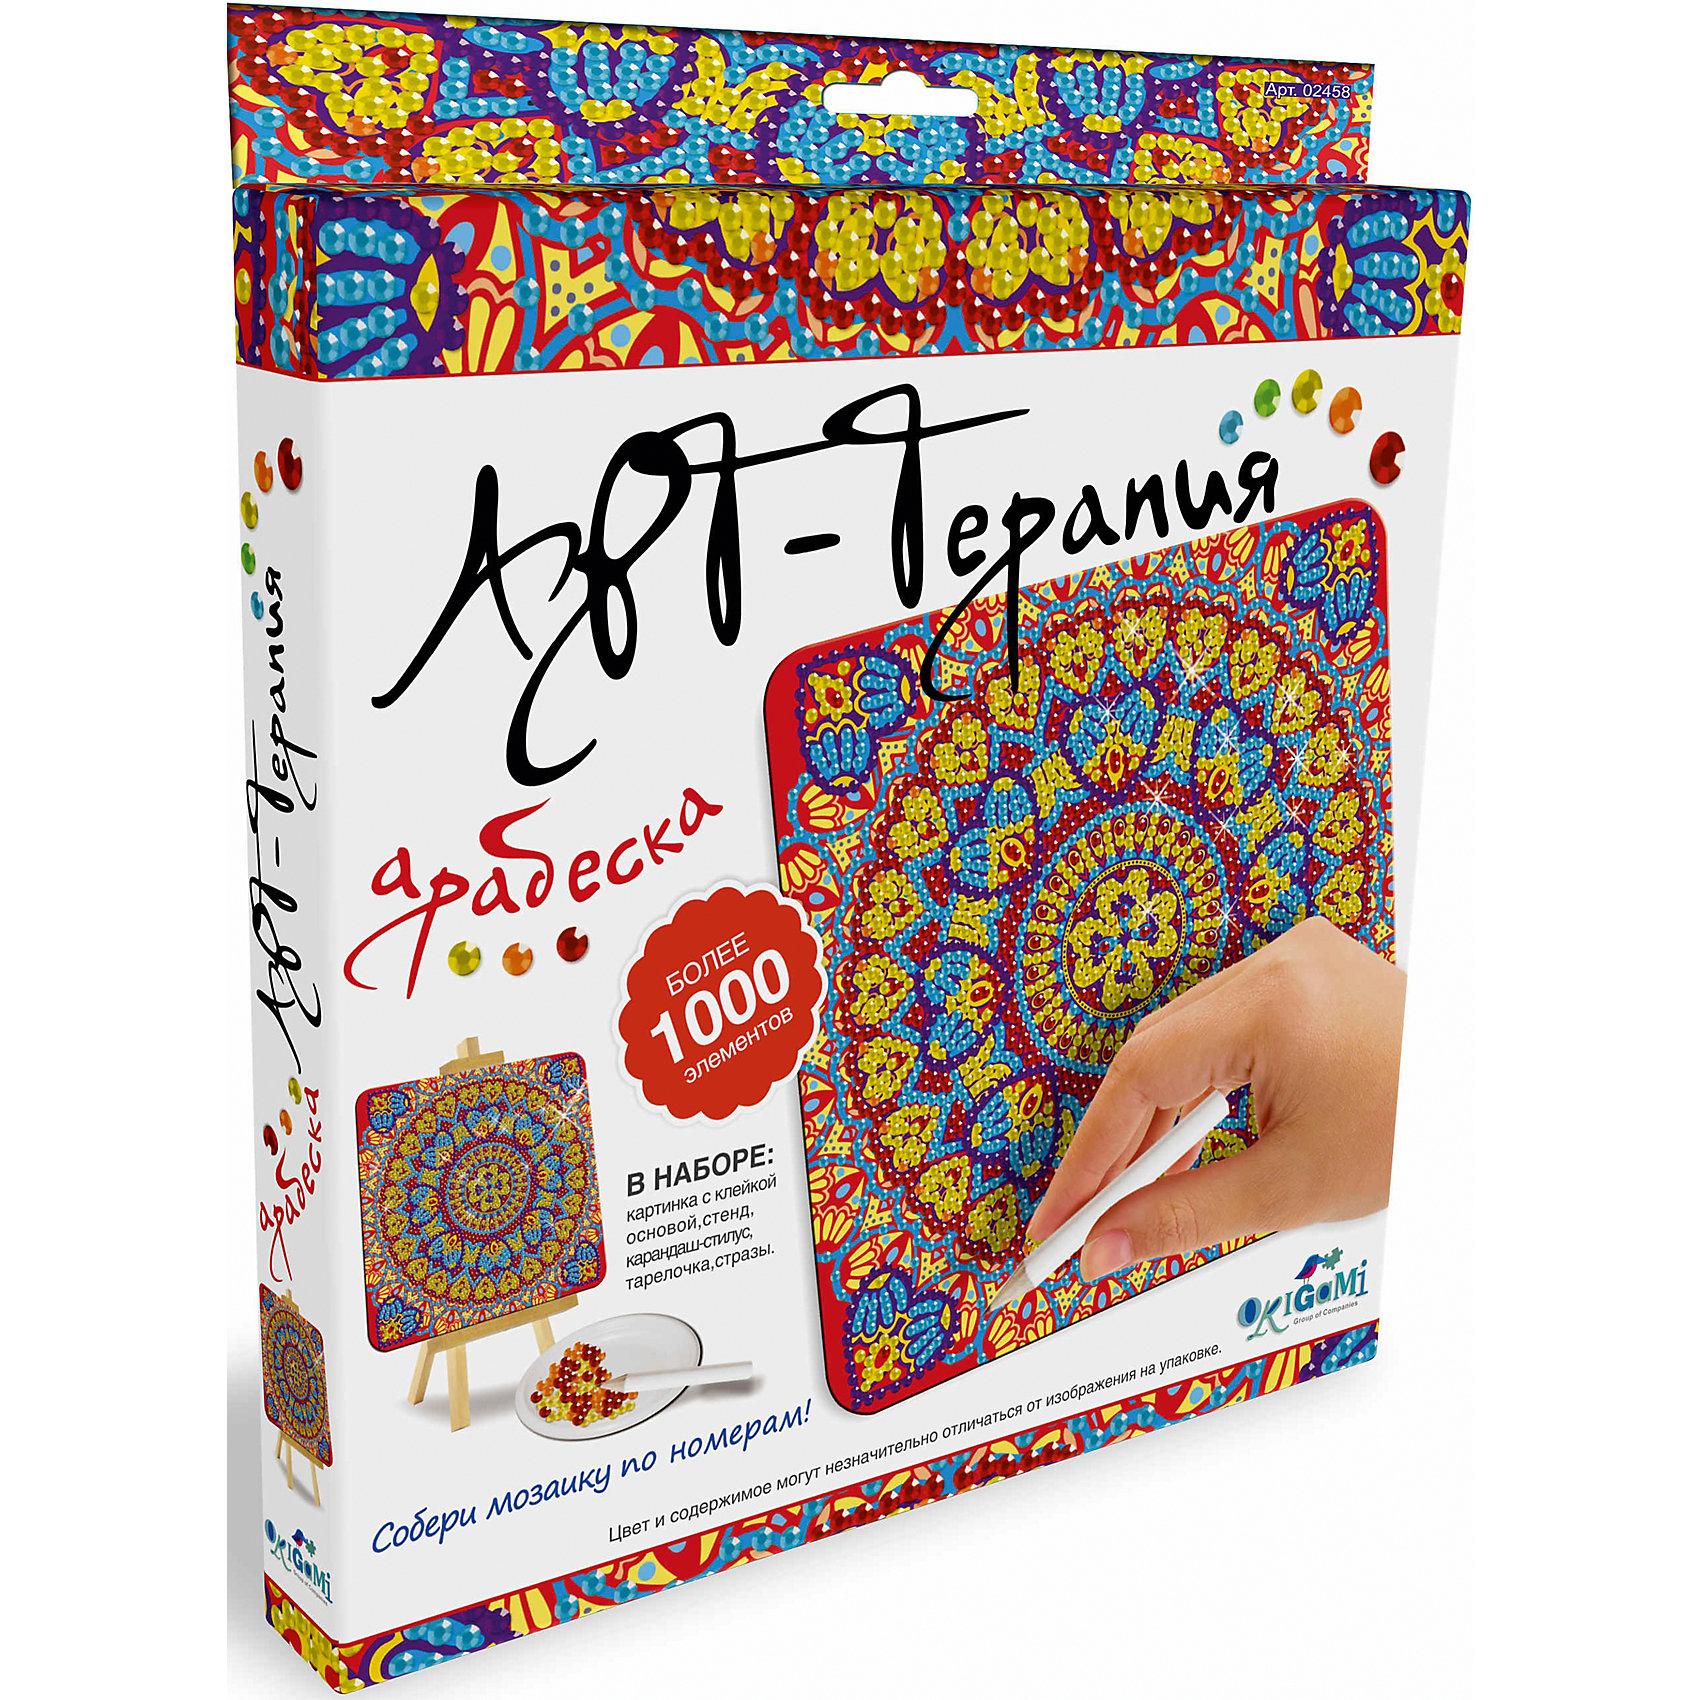 Арт-терапия, мозаика-алмазные узоры АрабескаМозаика<br>Новая серия мозаики Алмазные узоры (Чудо-творчество) с самоклеящимися элементами помогает изучить цвета и цифры, развивает мелкую моторику и воображение. <br>Сделать мозаику просто: возьми картинку, сними защитный слой, насыпь в тарелочку по очереди разные  цвета страз и с помощью специального карандаша переноси стразы на клейкую основу по номеру и цвету.  Готовую мозаику можно поставить на мольберт (входит в набор). <br>Мозаику Чудо-творчество отличает высокое качество, авторские дизайны картинок, хороший состав набора.<br><br>Ширина мм: 205<br>Глубина мм: 25<br>Высота мм: 230<br>Вес г: 164<br>Возраст от месяцев: 72<br>Возраст до месяцев: 108<br>Пол: Унисекс<br>Возраст: Детский<br>SKU: 5170277